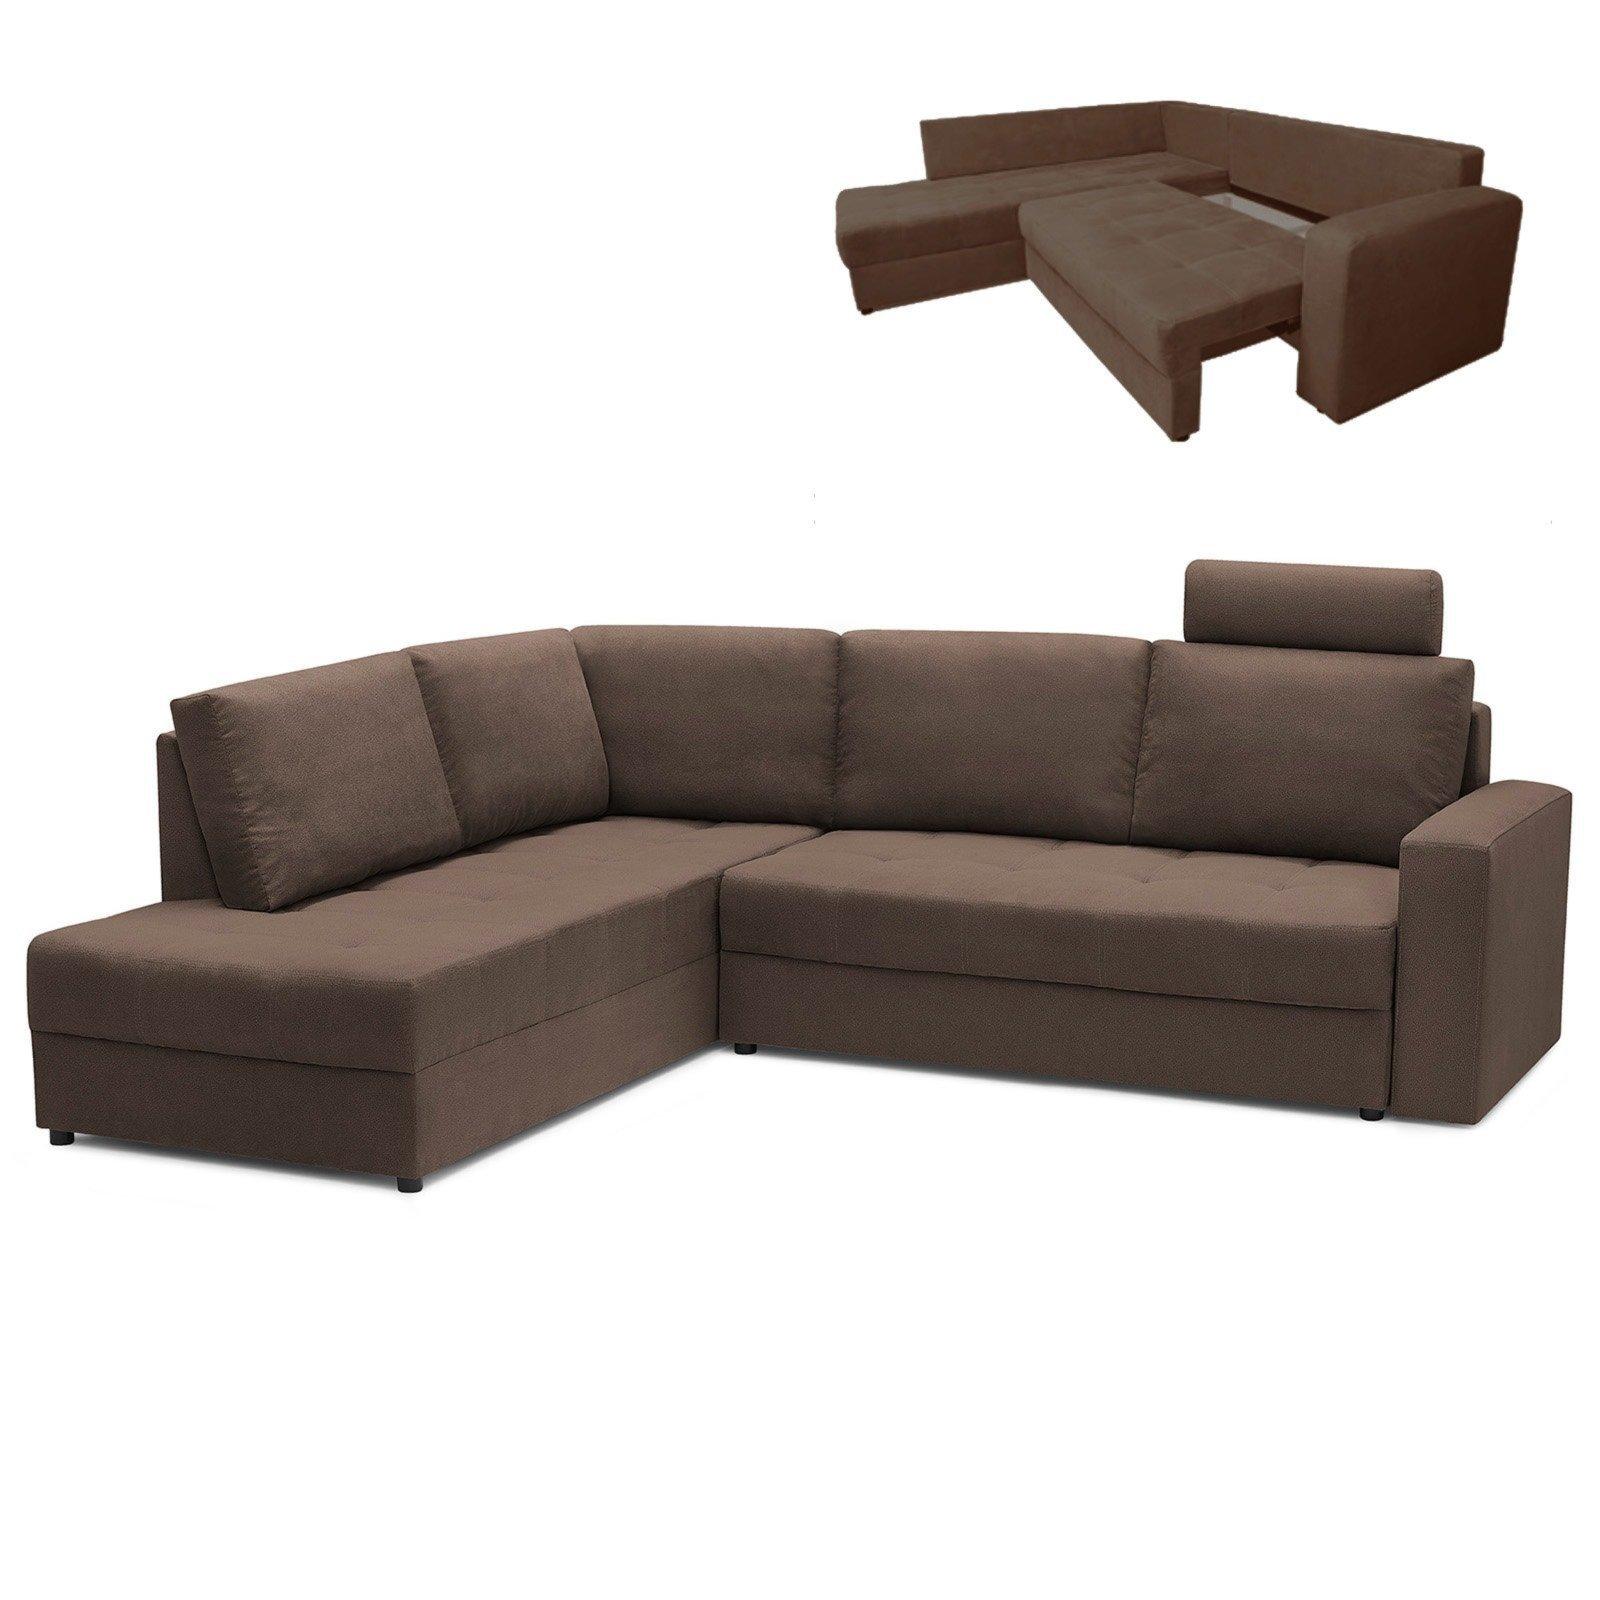 ecksofa braun mit liegefunktion ecksofas l form sofas couches m bel roller m belhaus. Black Bedroom Furniture Sets. Home Design Ideas